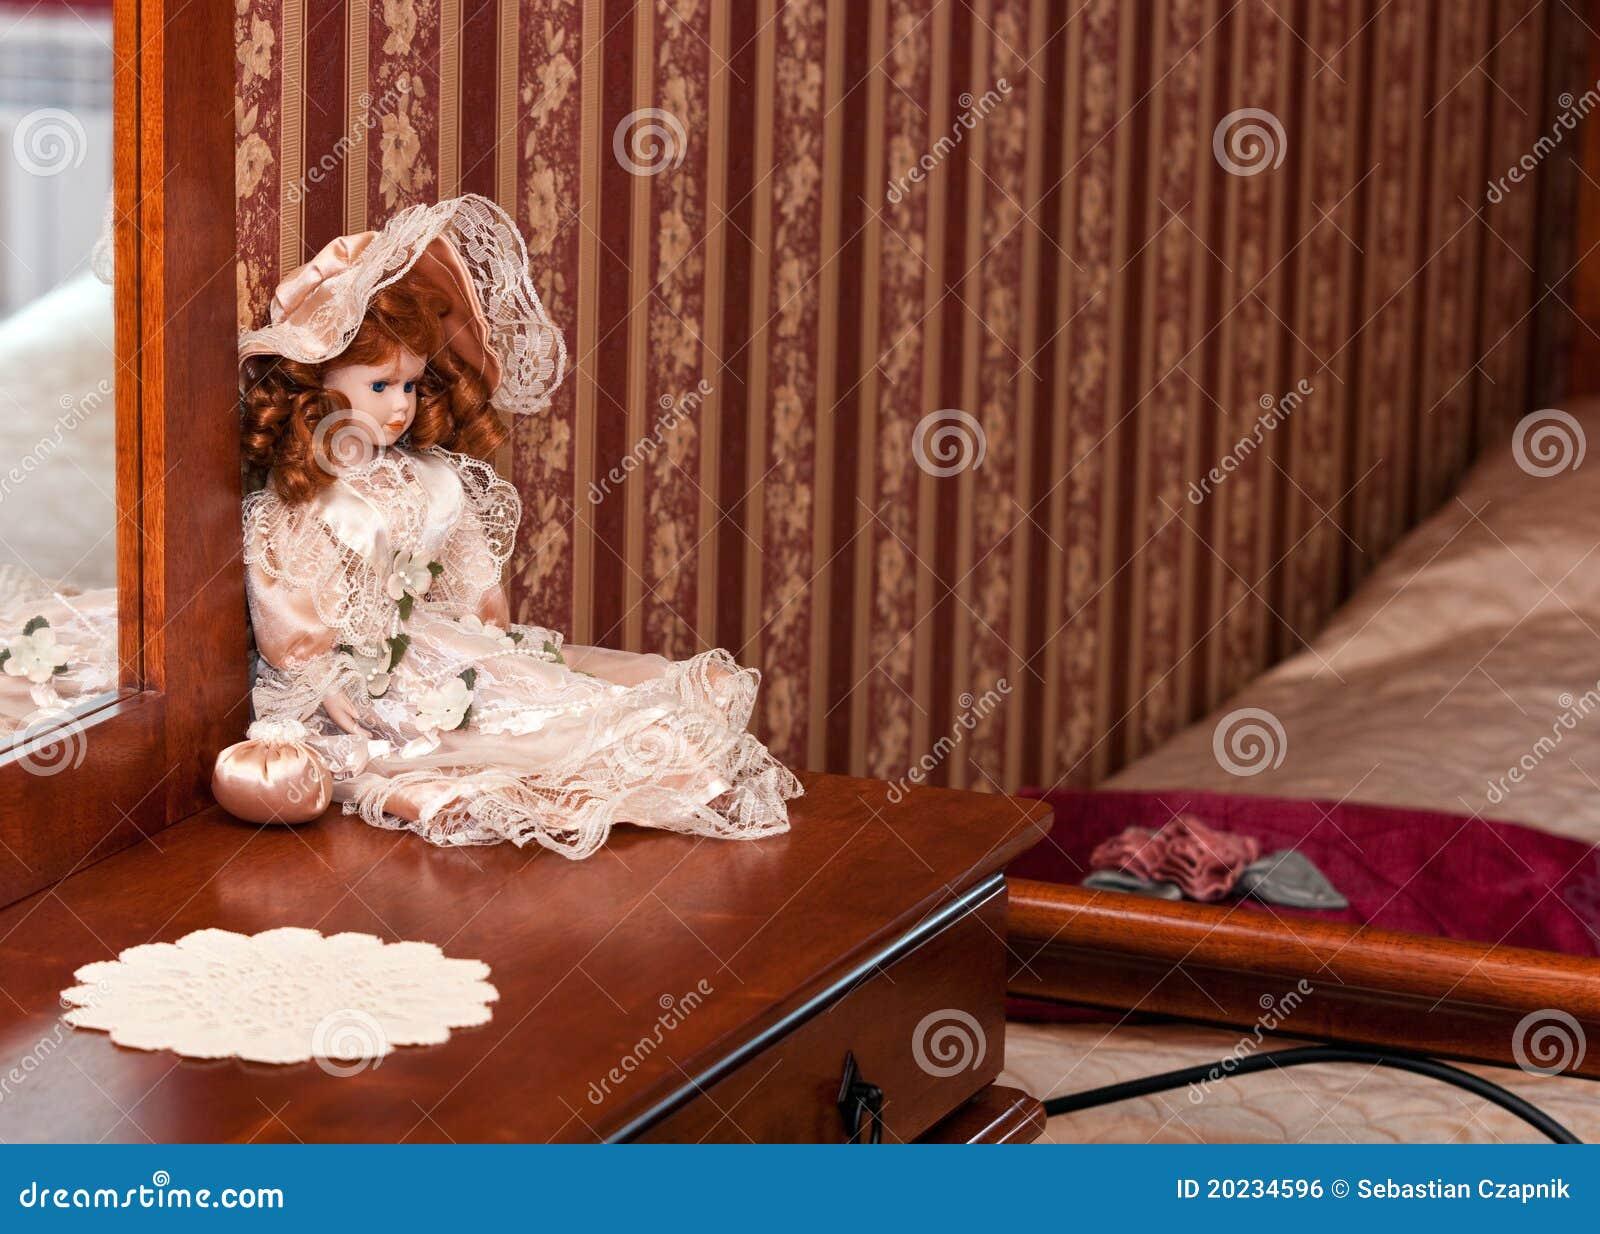 De decoratie van doll in slaapkamer stock foto afbeelding 20234596 - Decoratie vrouw slaapkamer ...